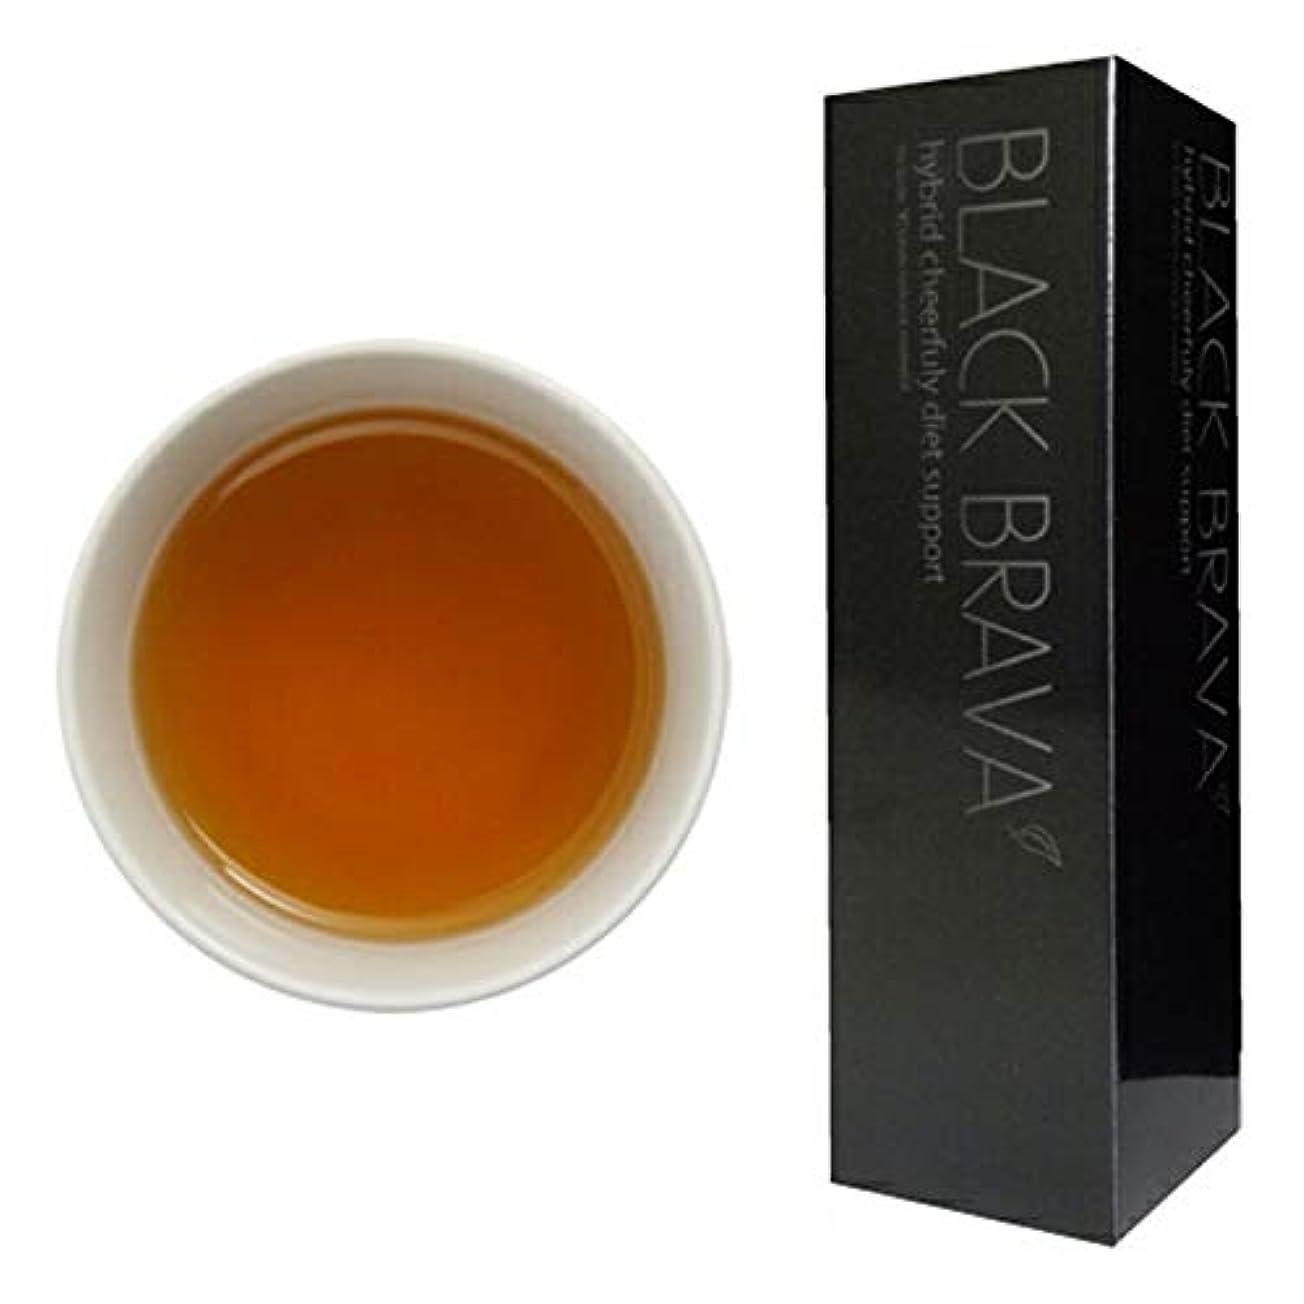 発症不適切な仕事に行くブラバ が進化 ダイエットティー ハイブリッド チアフリー ダイエットサポート ブラックブラバ ブラバ茶 2本セット